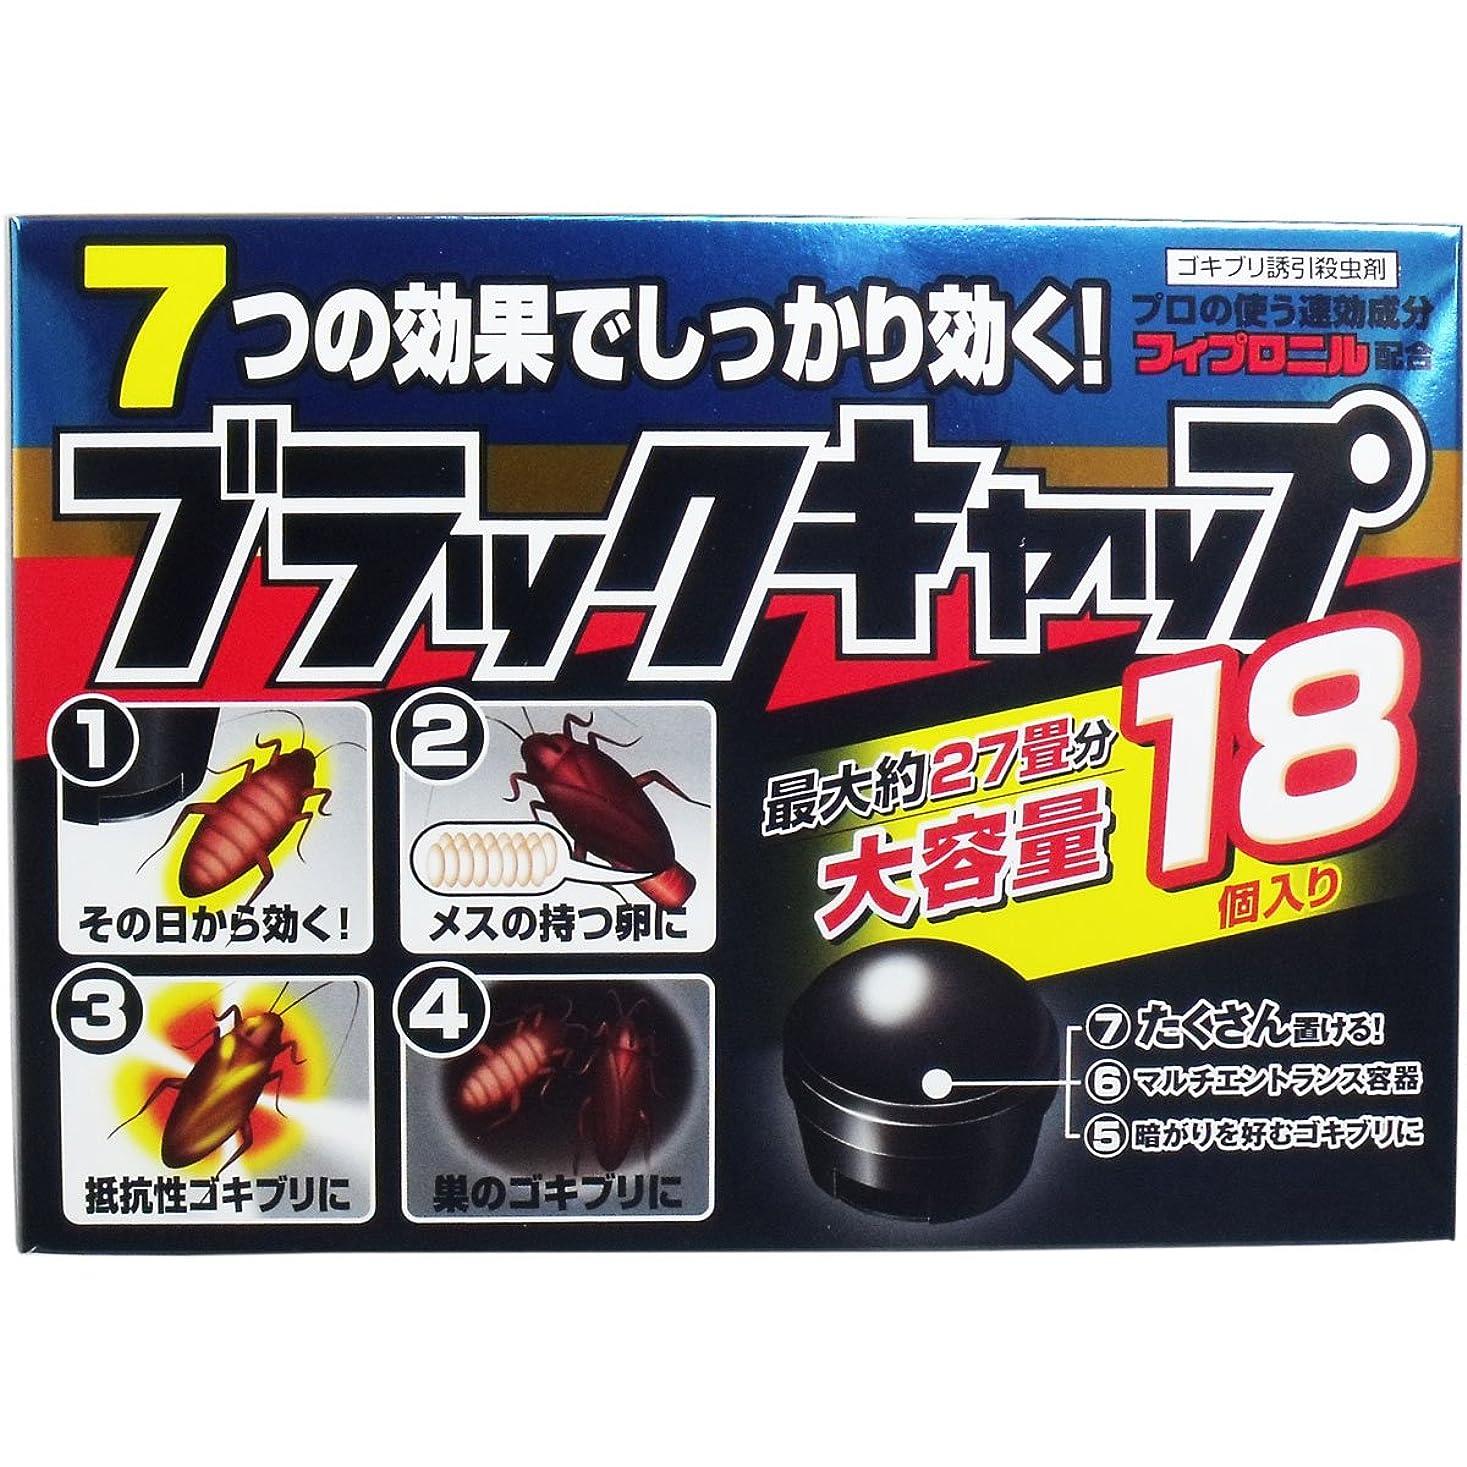 オリエントパプアニューギニア啓示(アース製薬)ブラックキャップ 18個入(医薬部外品)